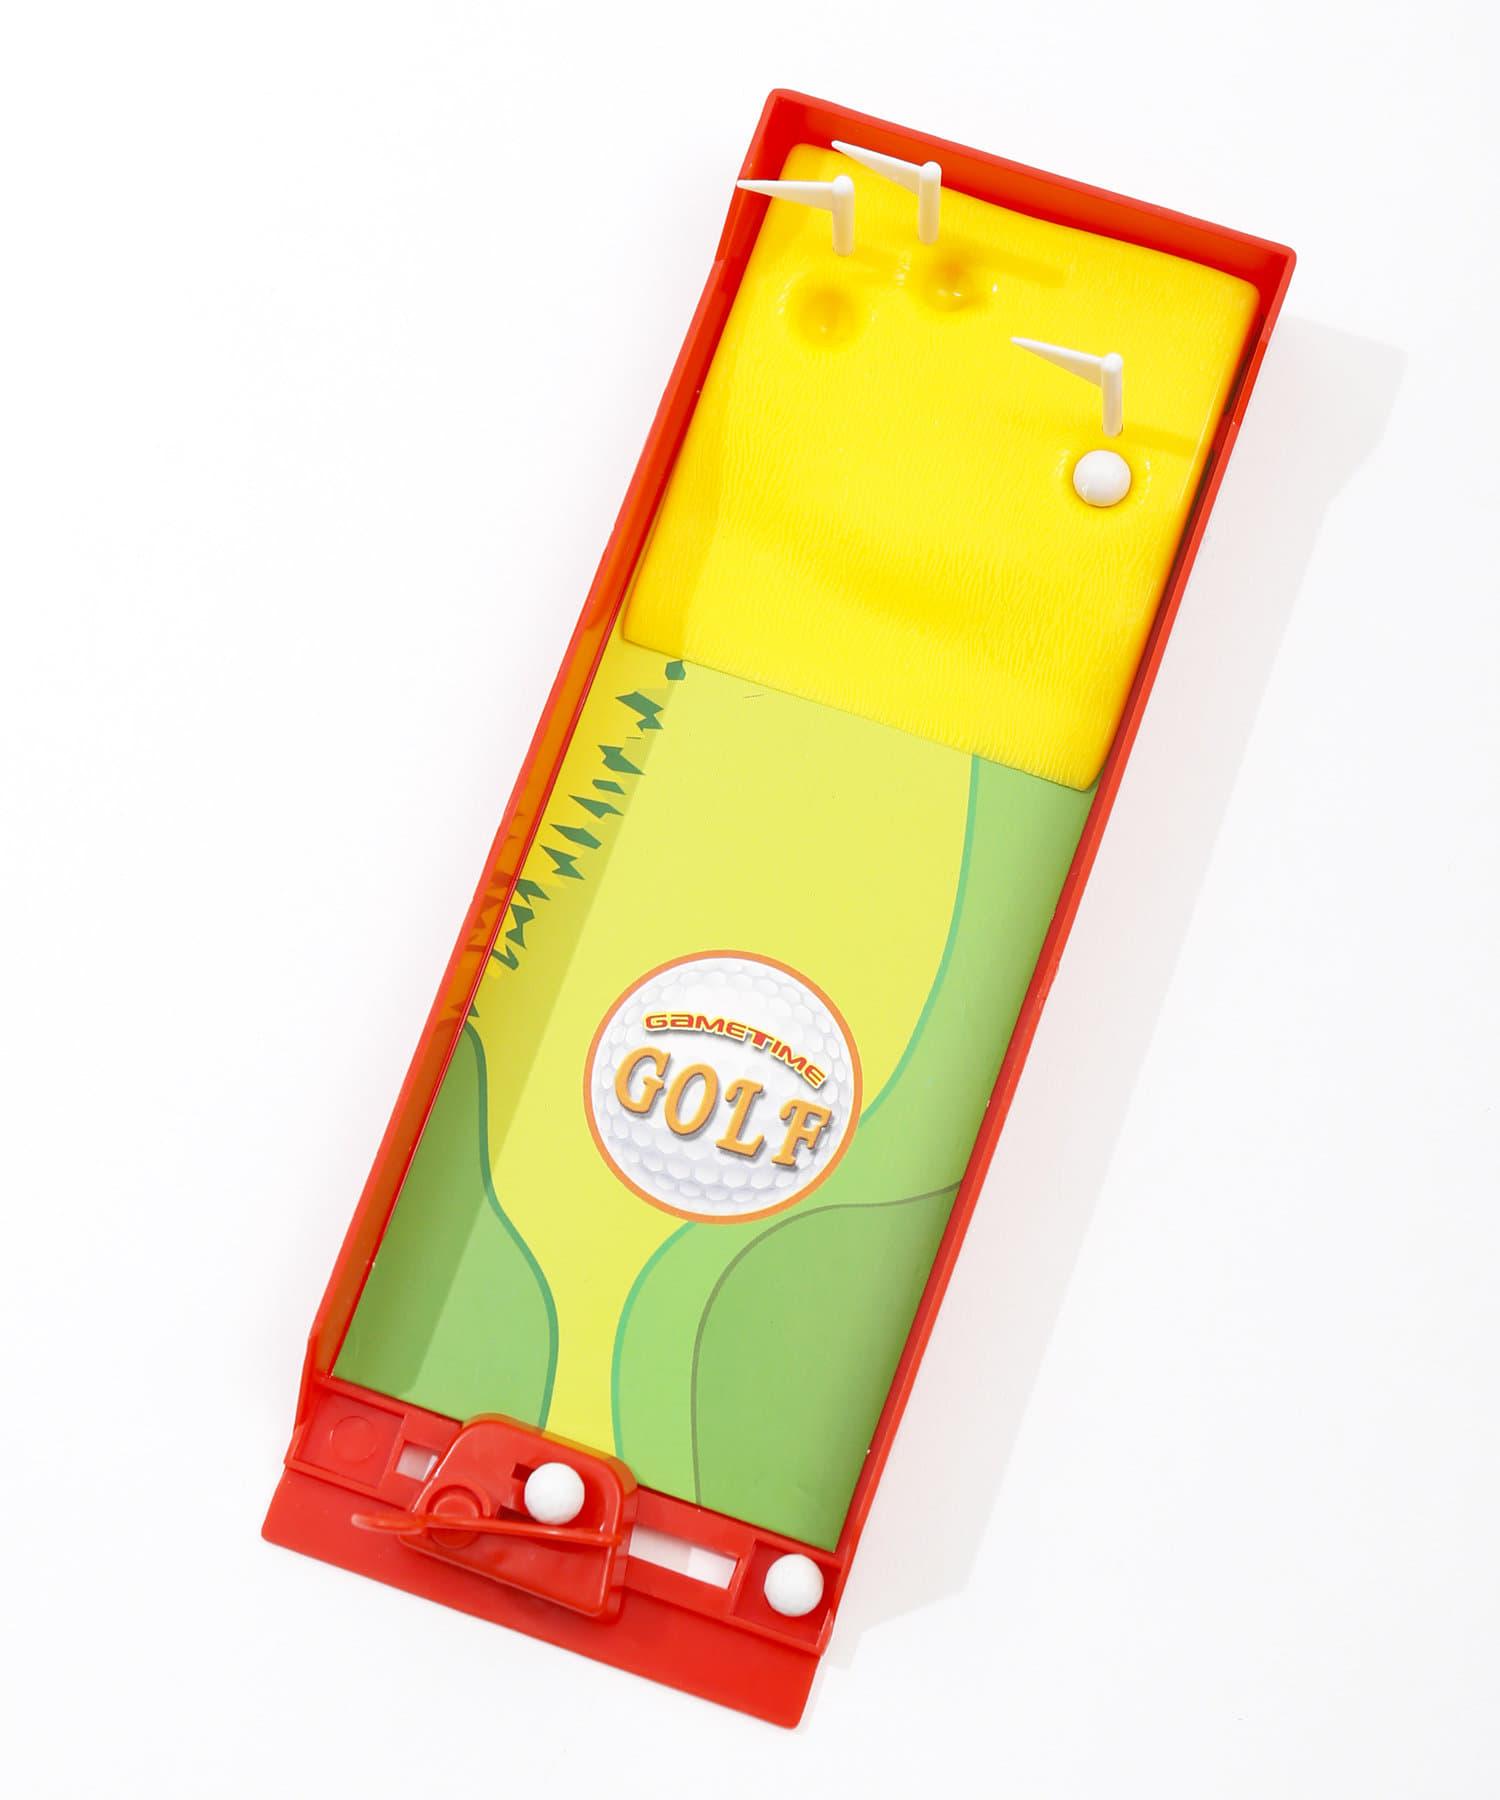 3COINS(スリーコインズ) 【ASOKO】【指部】フィンガーゴルフ《色はランダム》